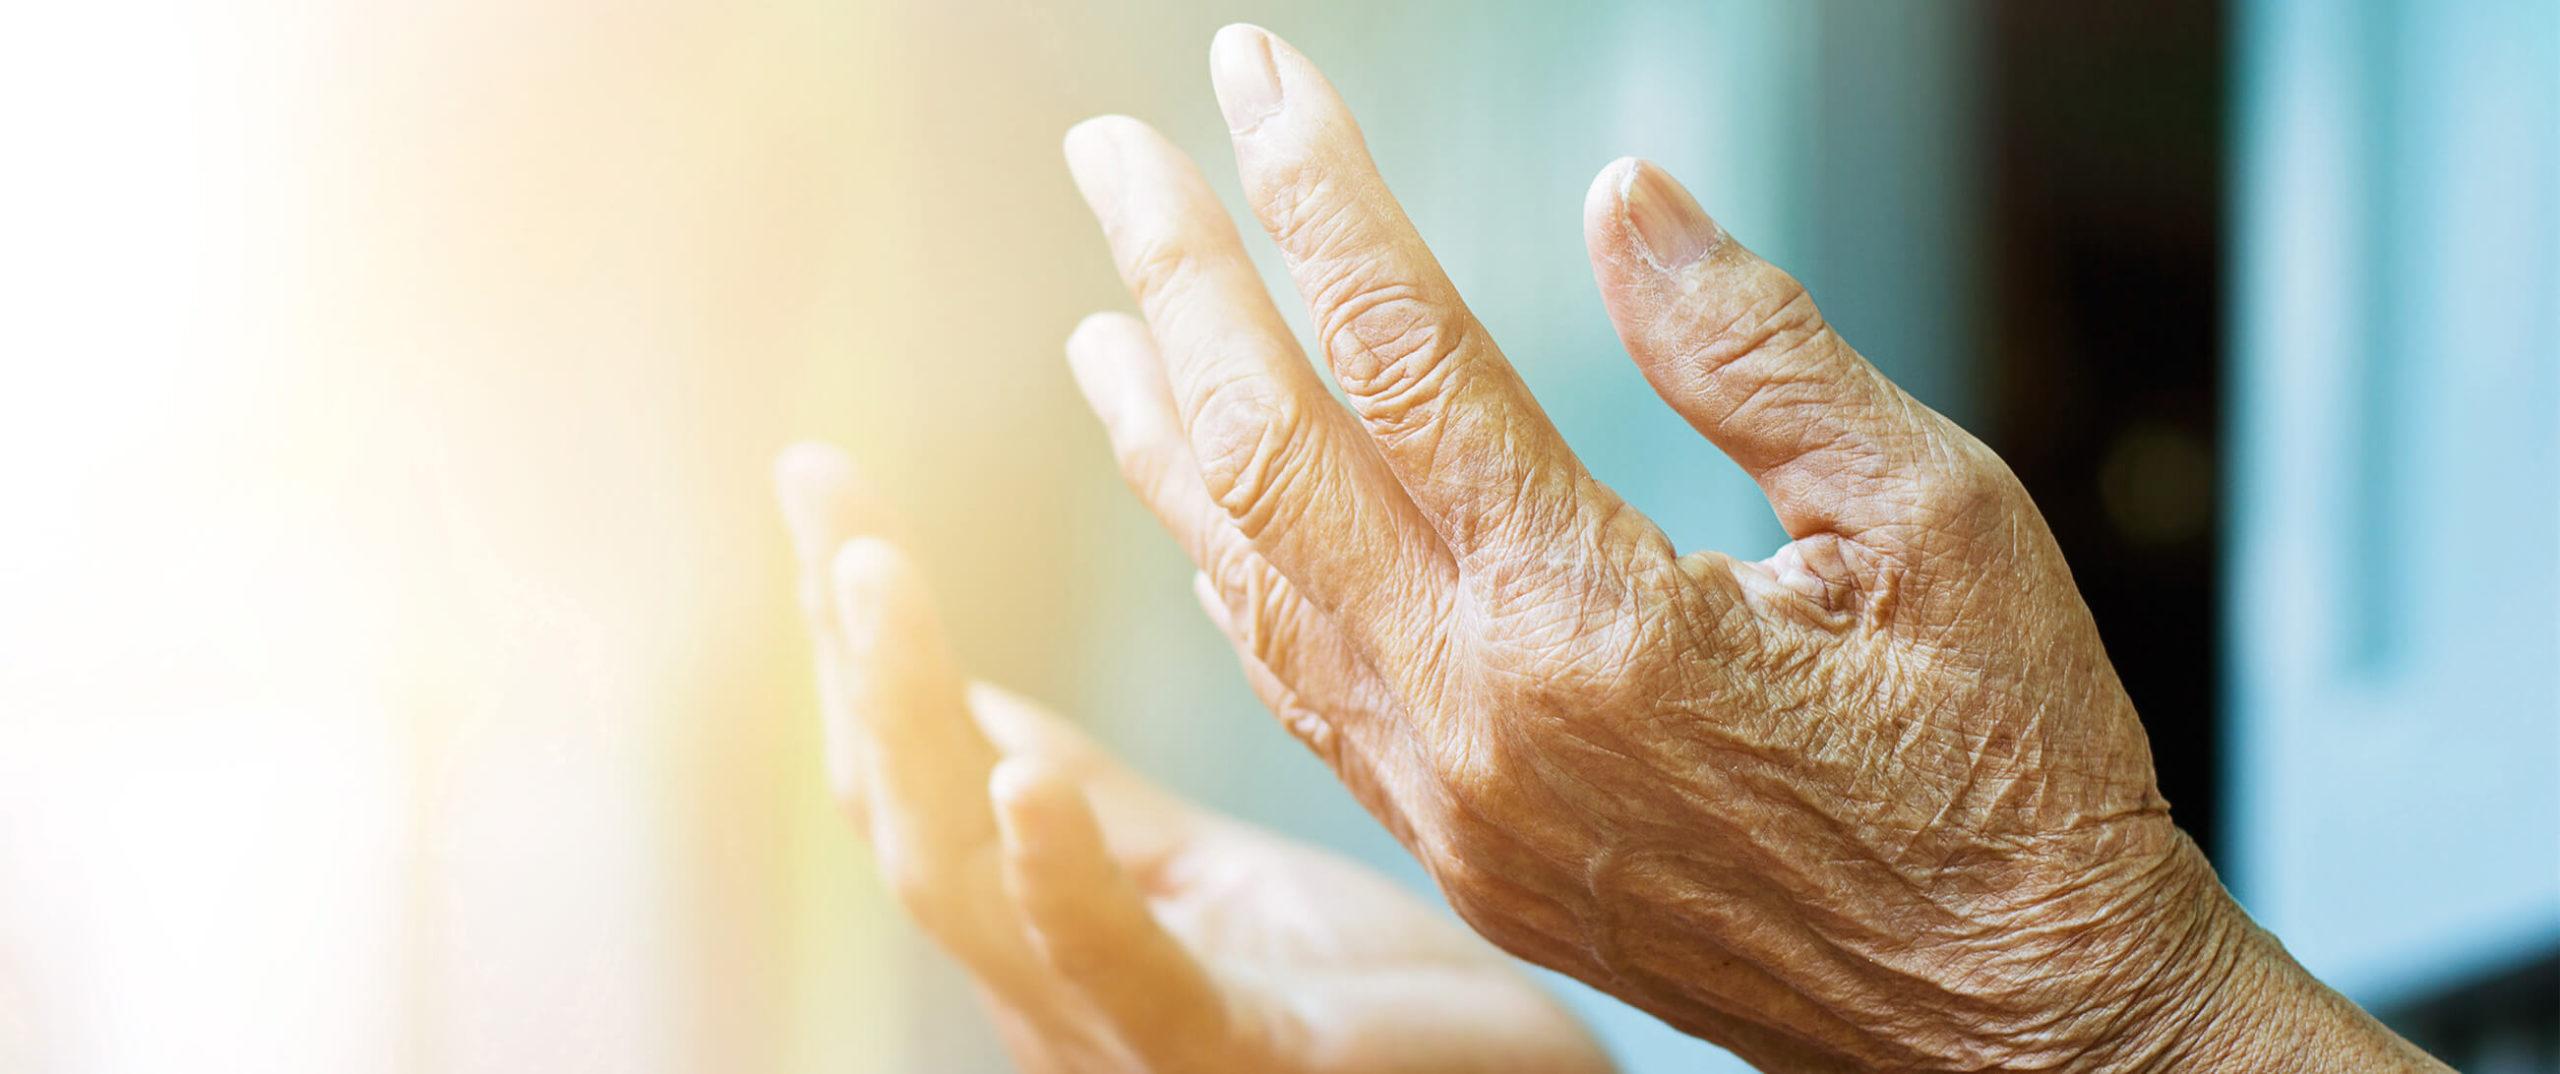 Spiritual Hands